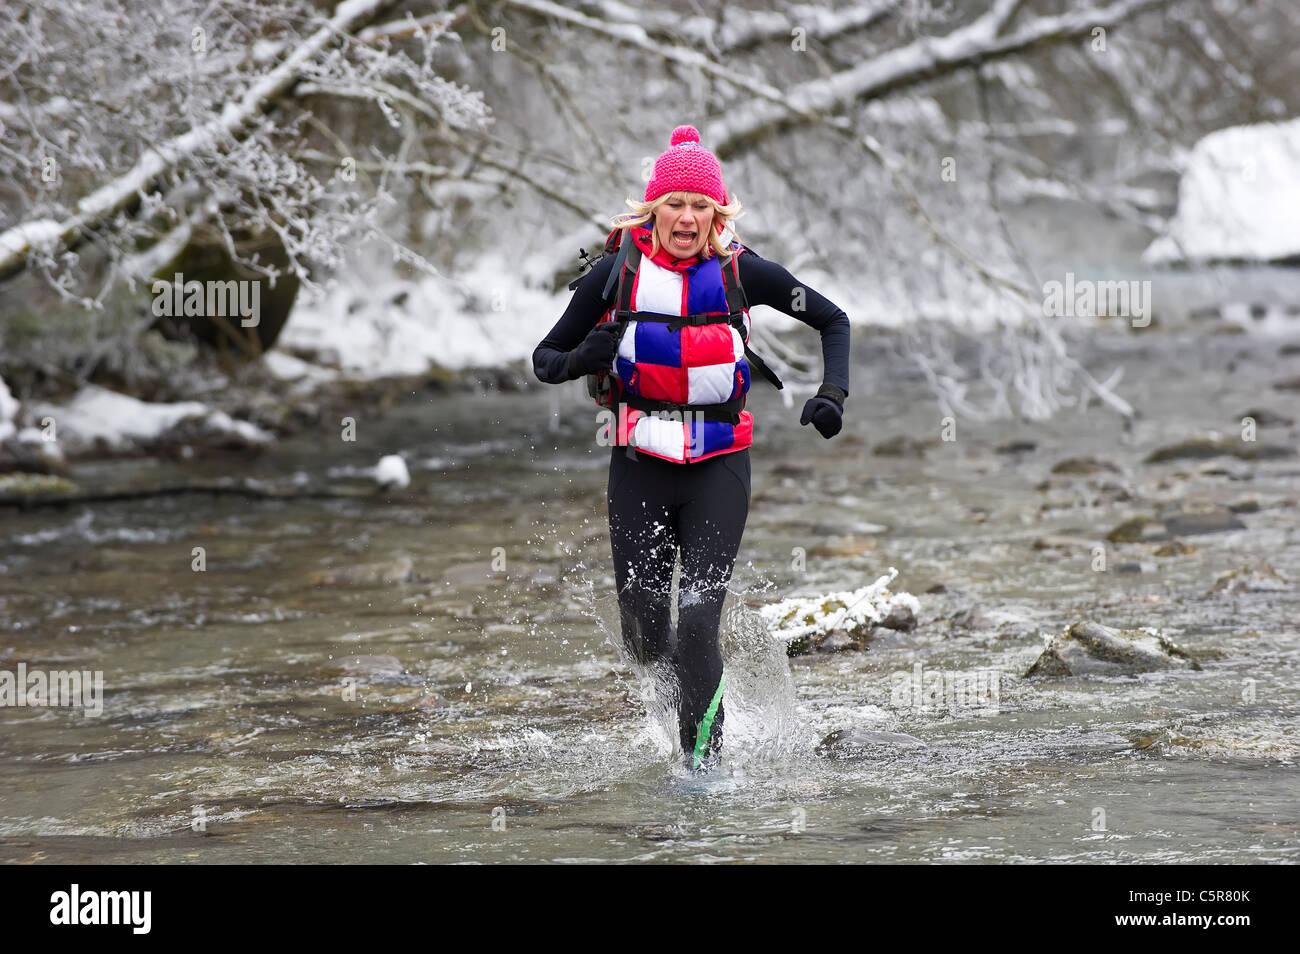 Ein Jogger läuft durch eine verschneite Flussbett und kalten alpinen Gewässern. Stockbild